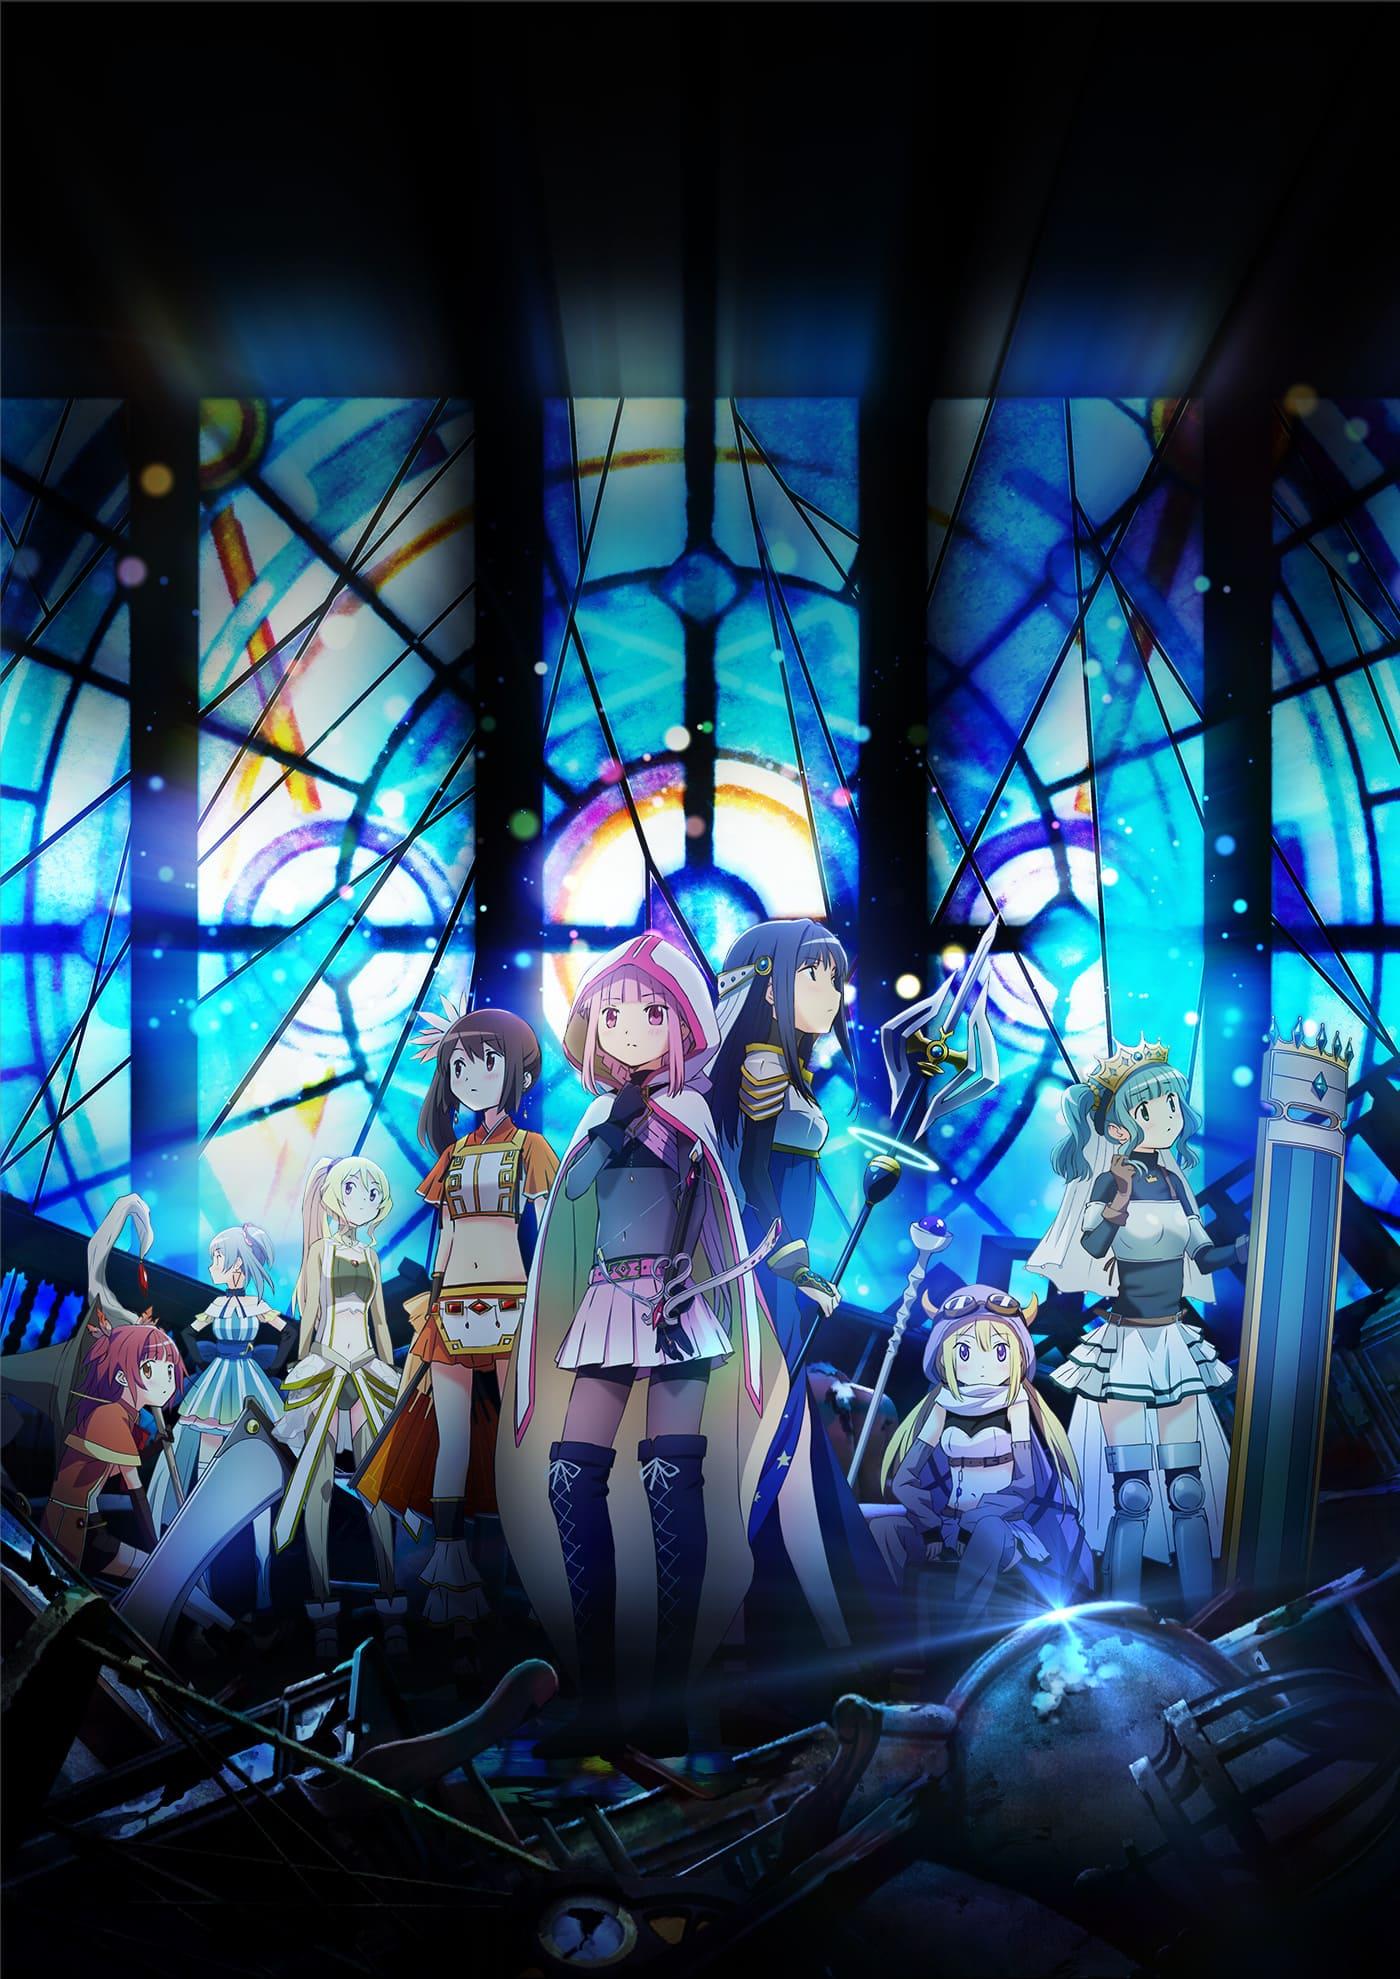 动画《魔法纪录 魔法少女小圆外传》开播时间公布 主视觉图公布